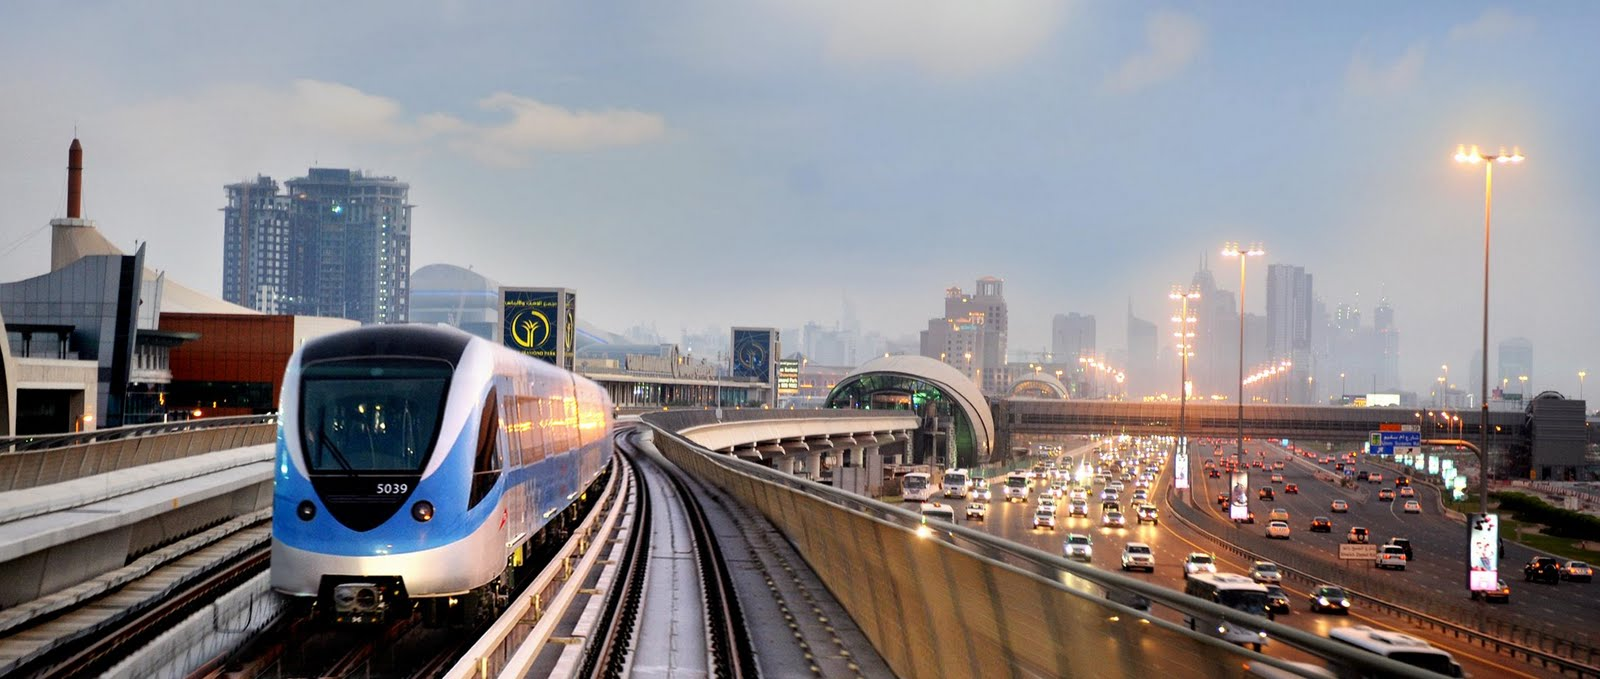 مترو دبى - dubai metro (4)